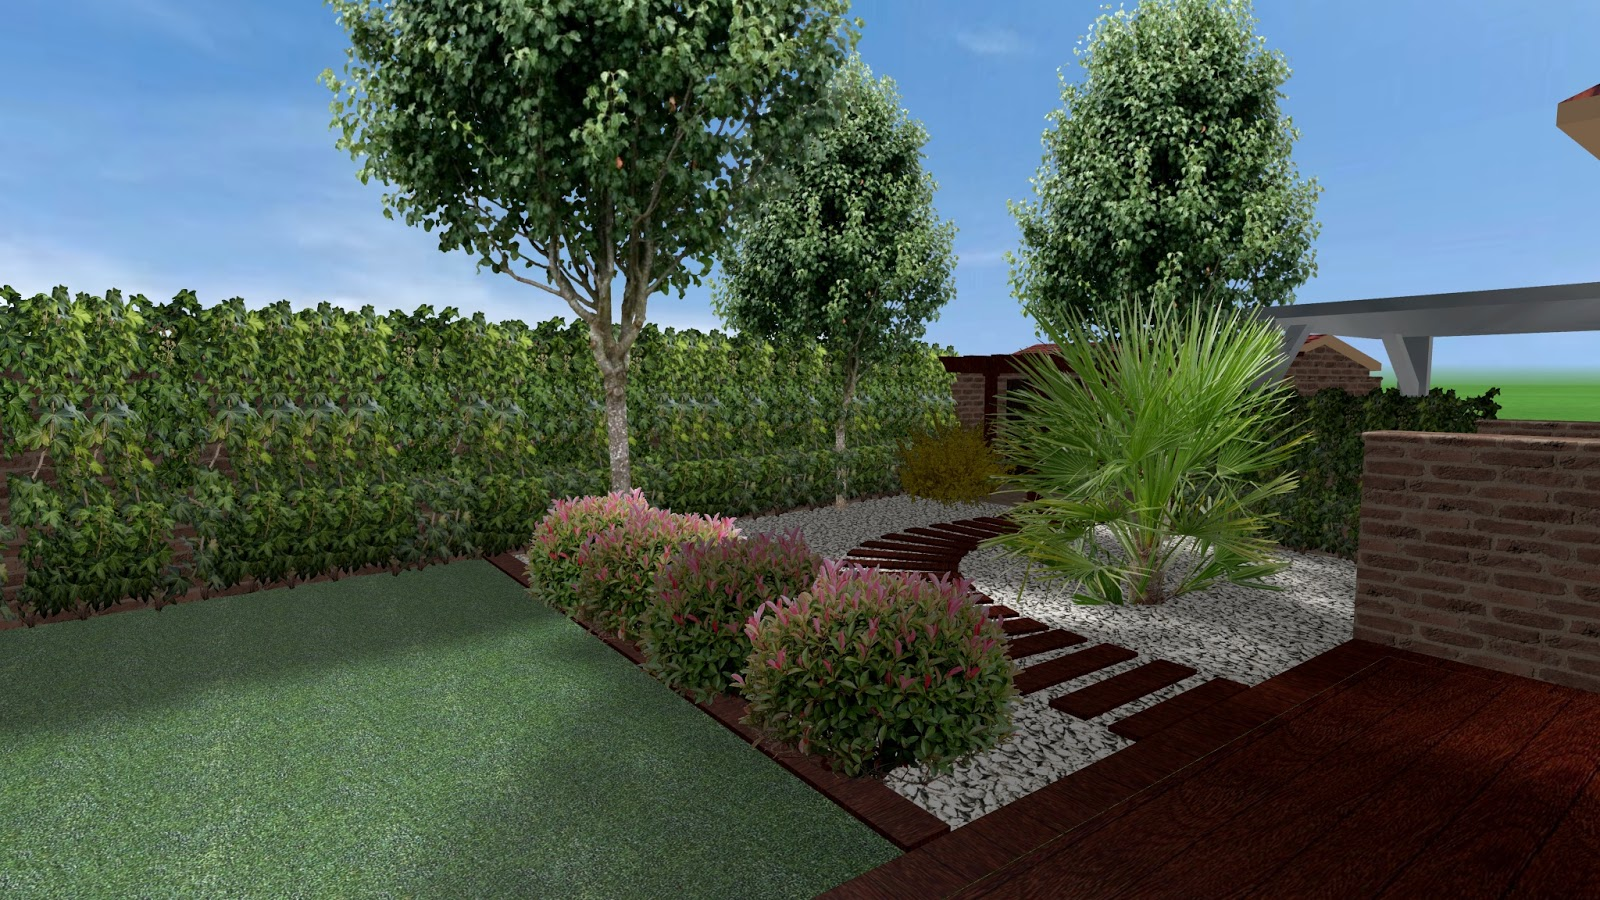 El jard n de marta dise o de jardines peque os for Diseno jardines